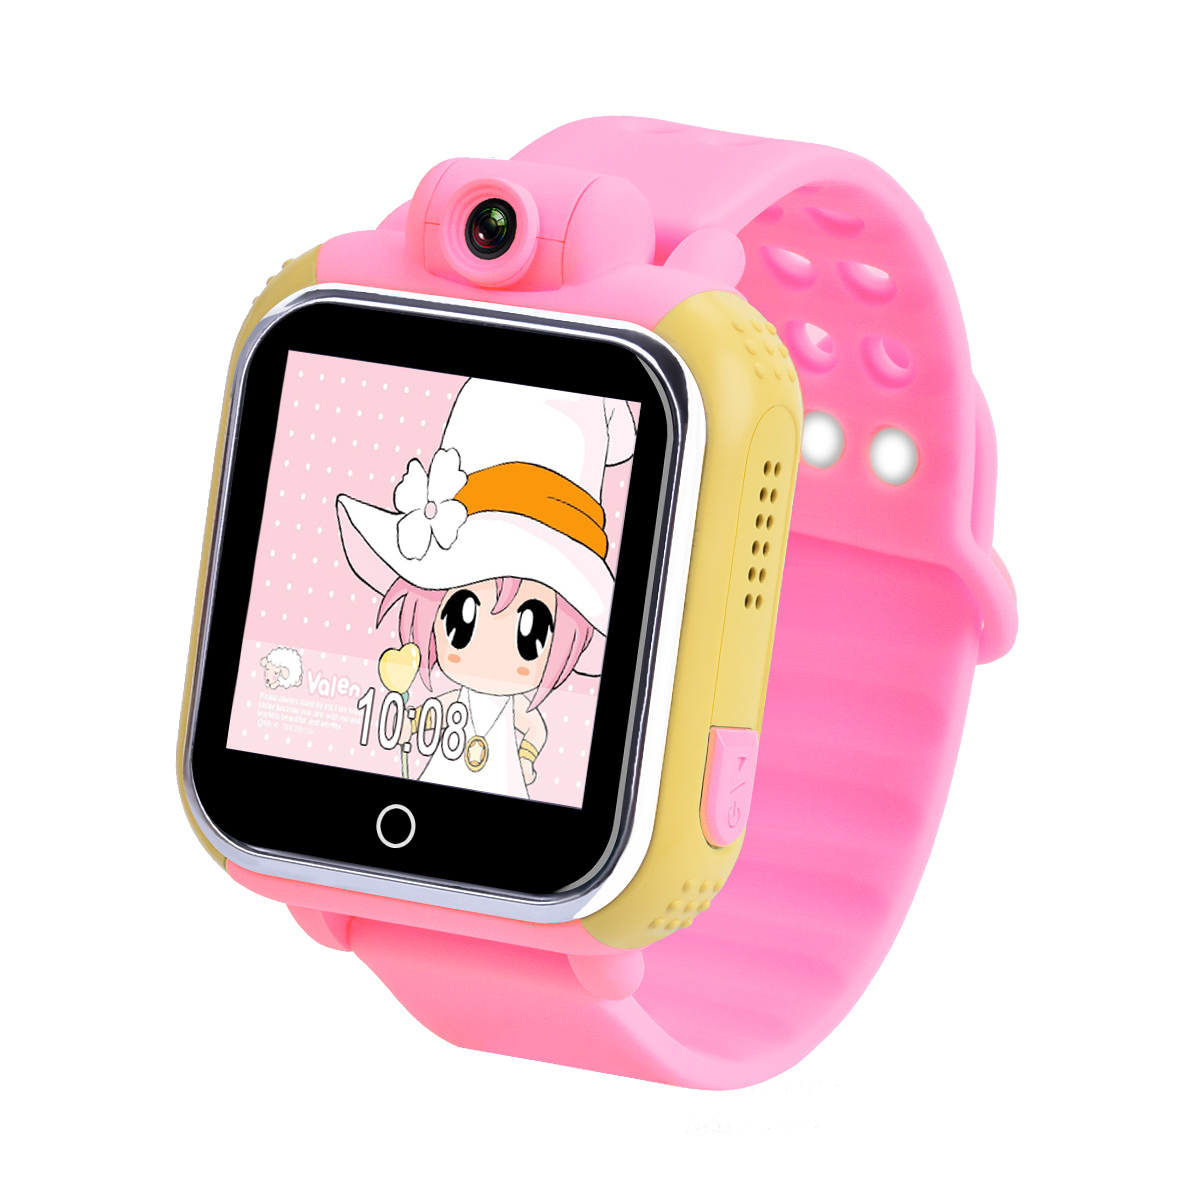 Детские часы 3G GPS Smart Baby Watch Q75 (GW1000) с камерой   127873  купить  в Москве  f7845edef7fe5